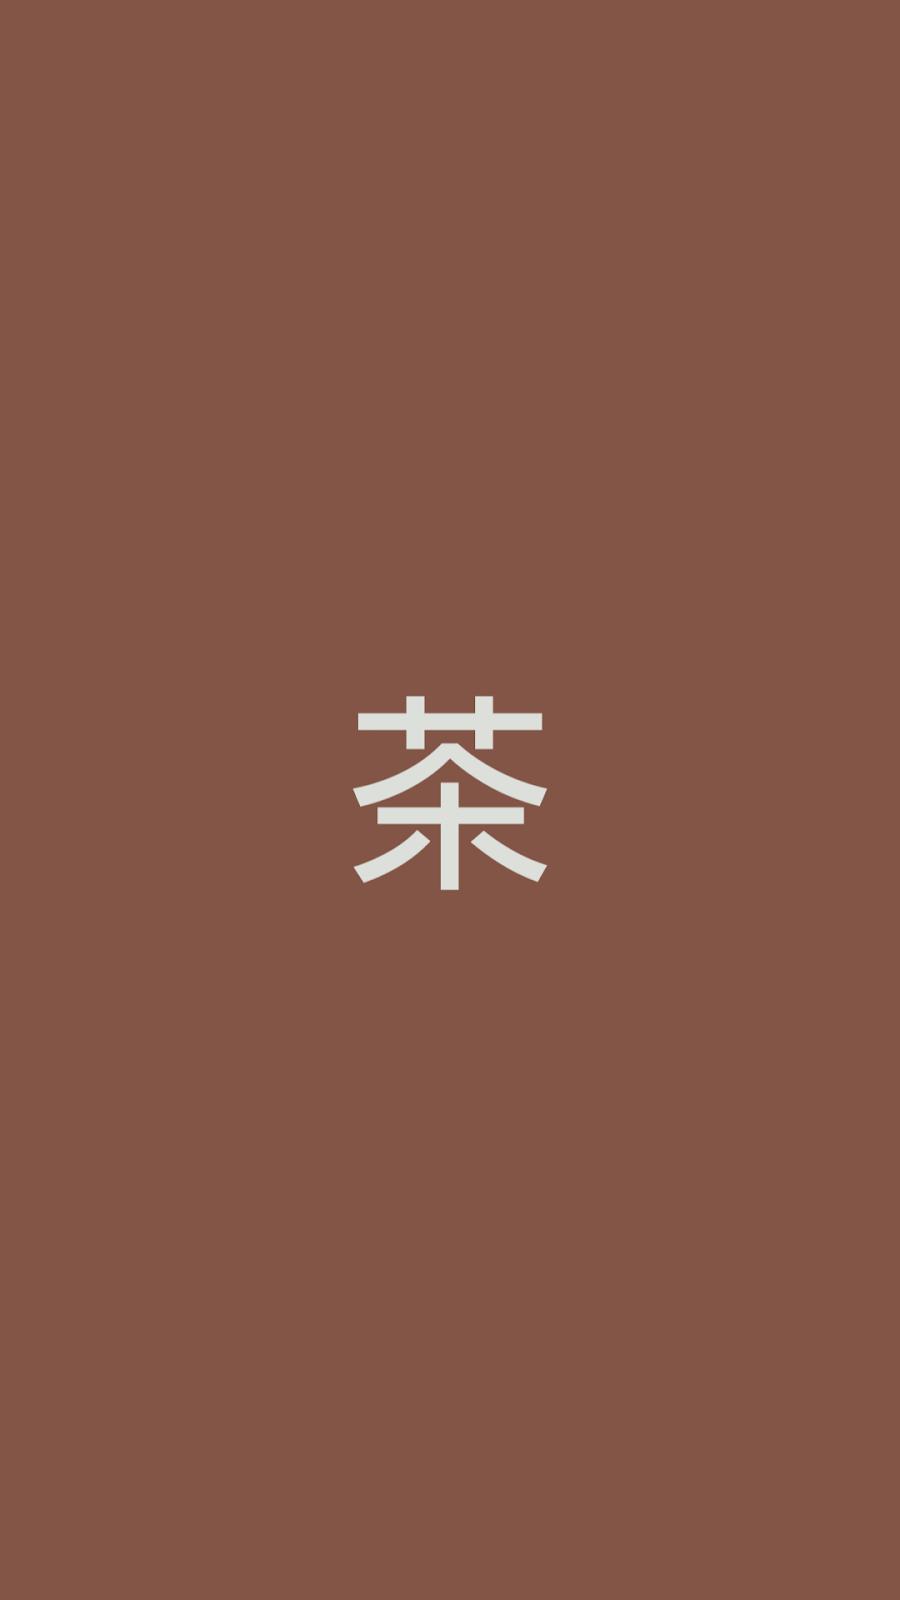 茶の縦長の長方形